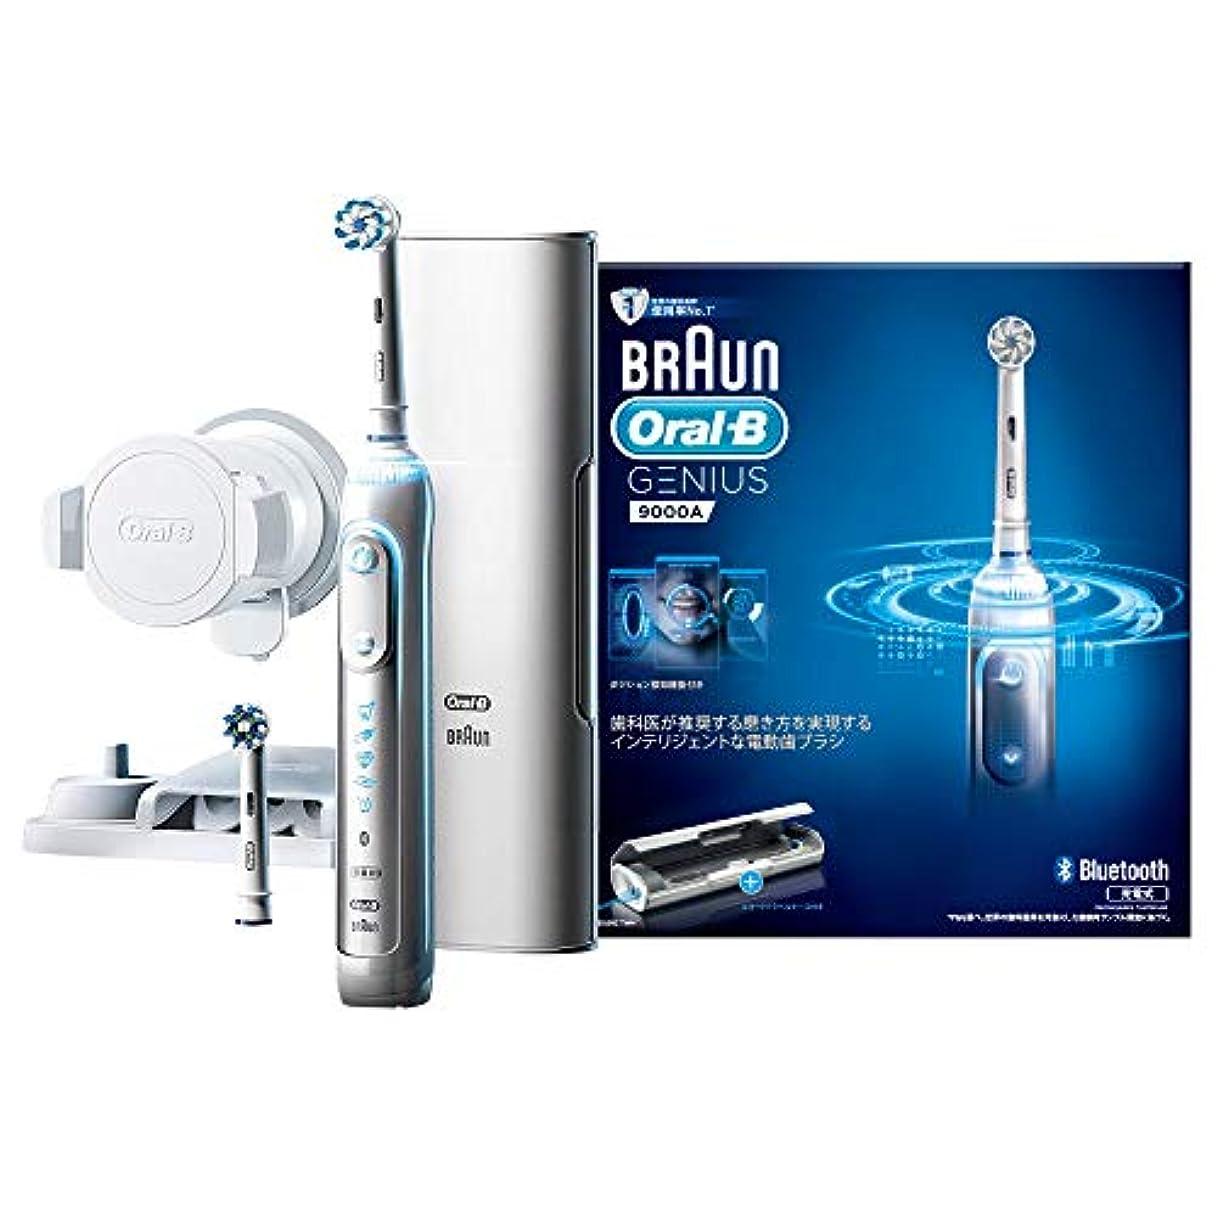 硫黄ジャングル精神医学ブラウン オーラルB 電動歯ブラシ ジーニアス9000 ホワイト D7015256XCTWH